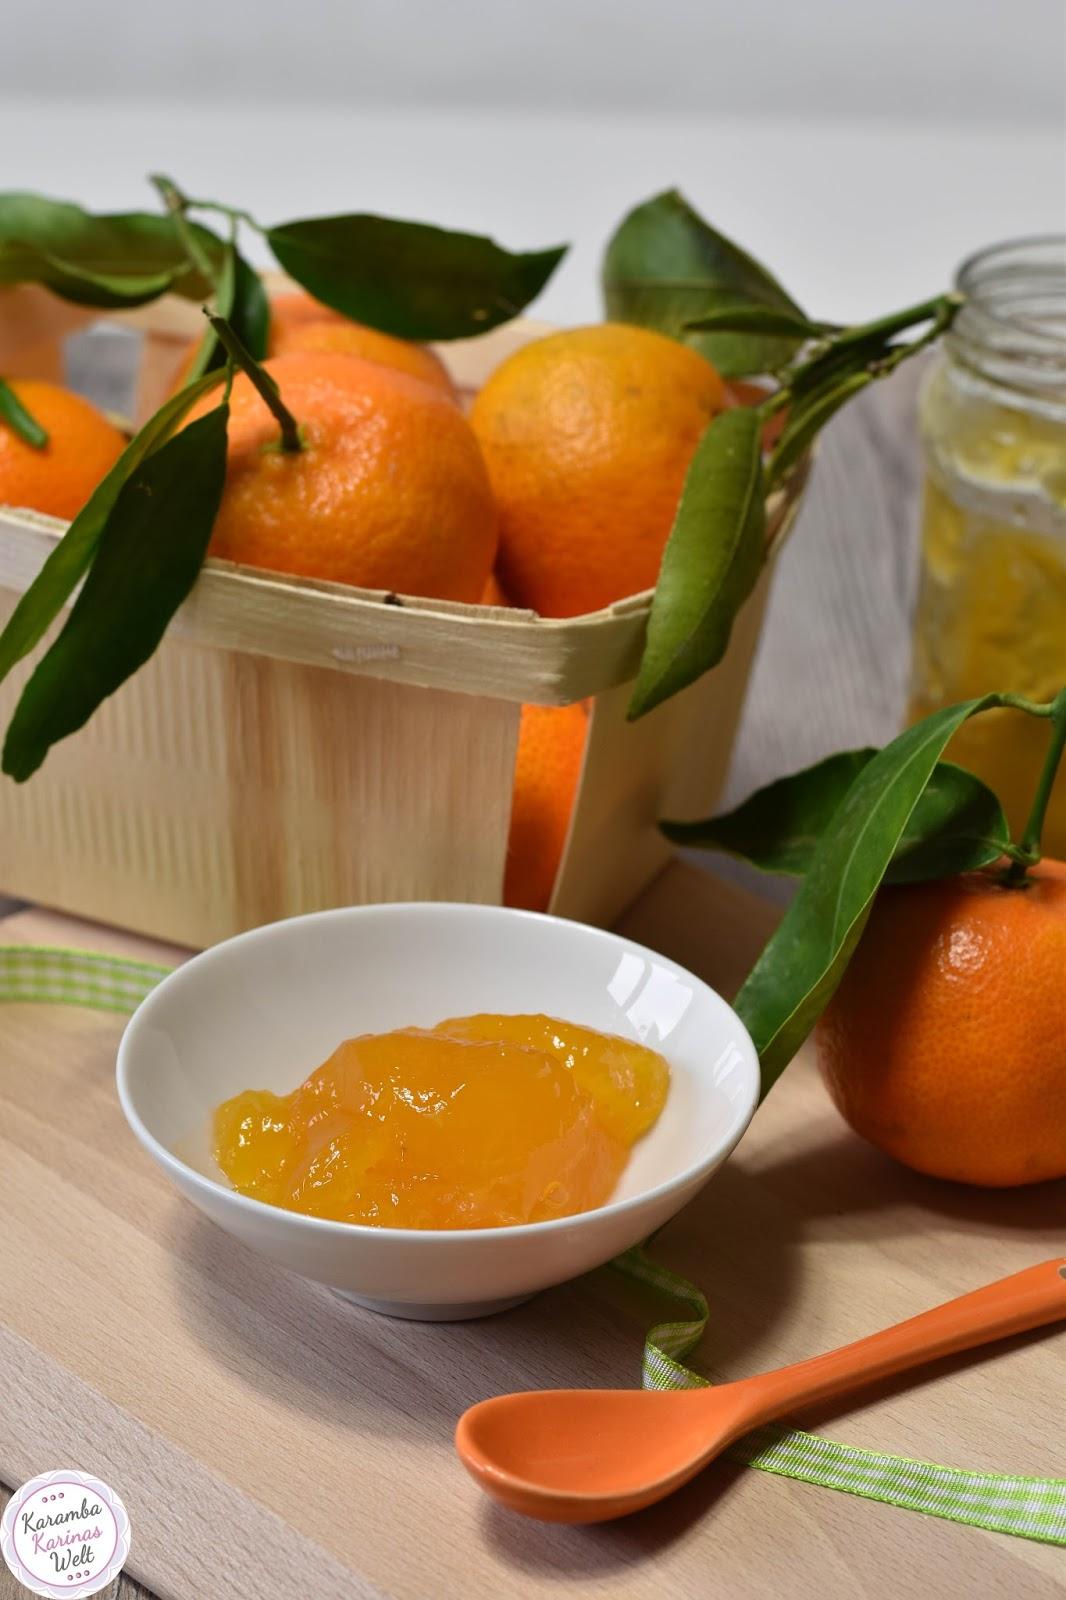 KarambaKarina\'s Welt: Geschenke aus der Küche: Mandarinenmarmelade ...